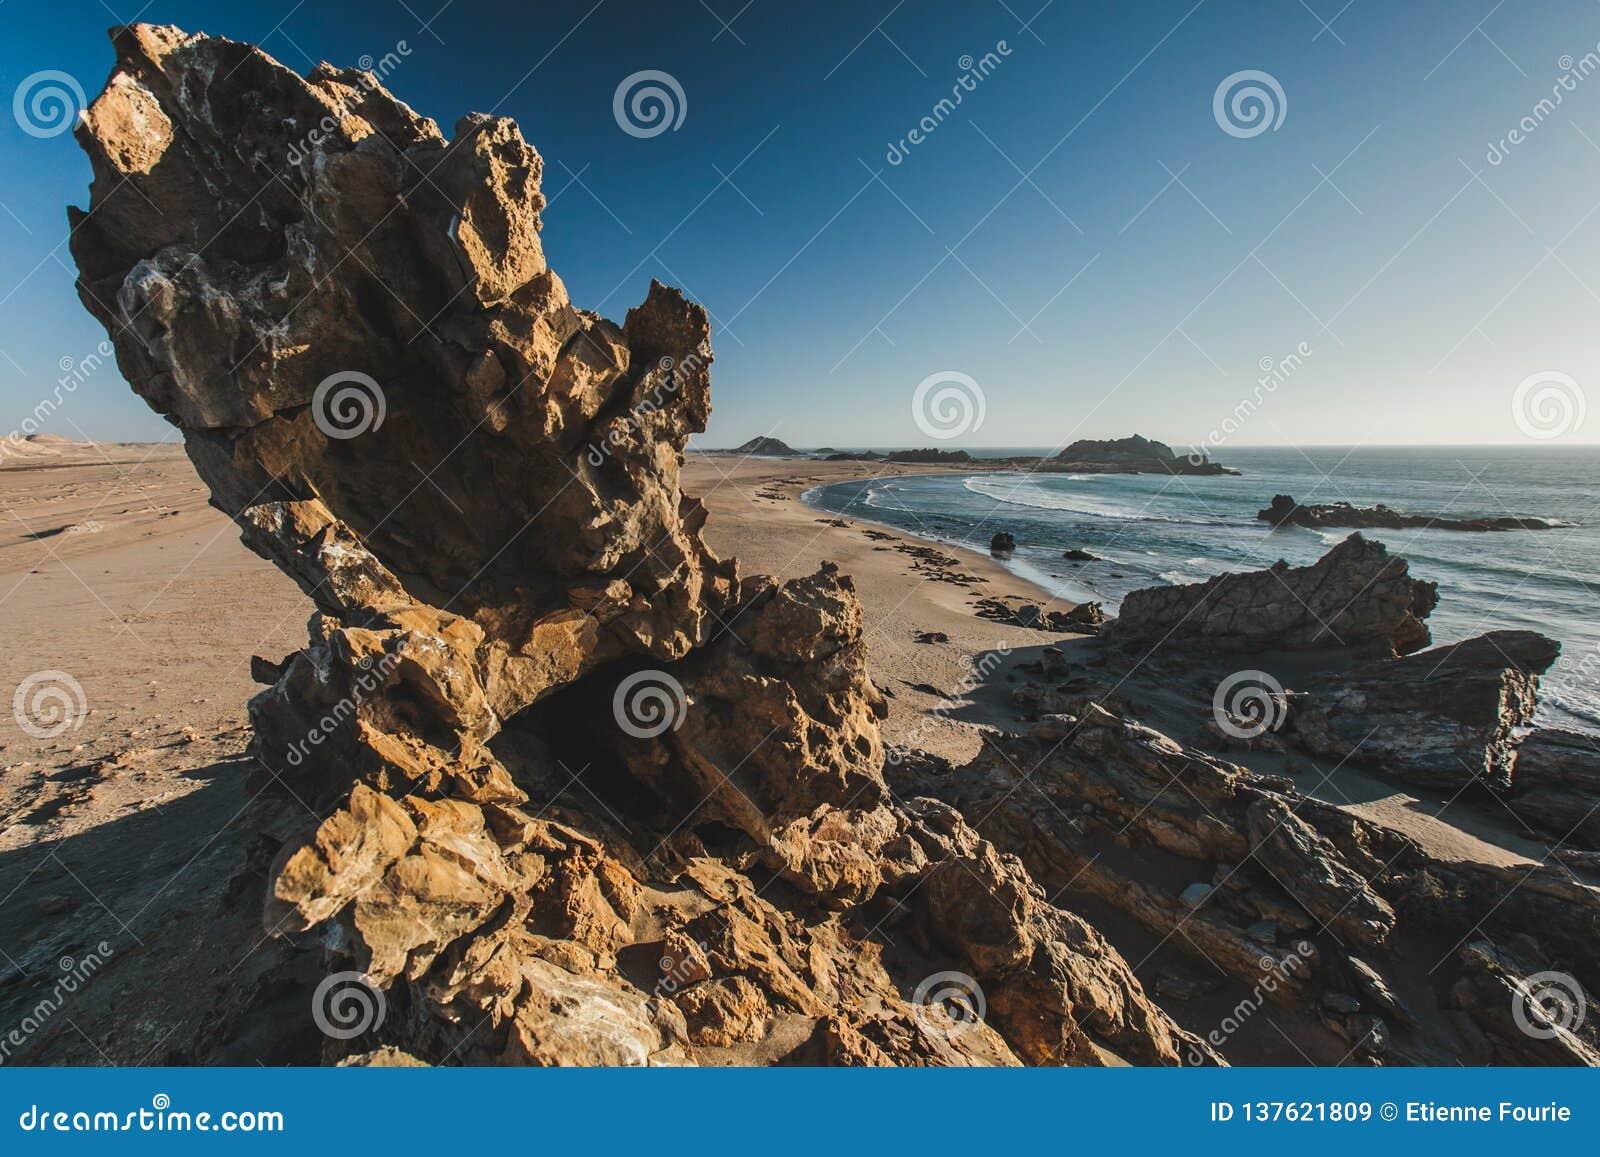 Rocas dentadas a lo largo de la costa esquelética de Namibia